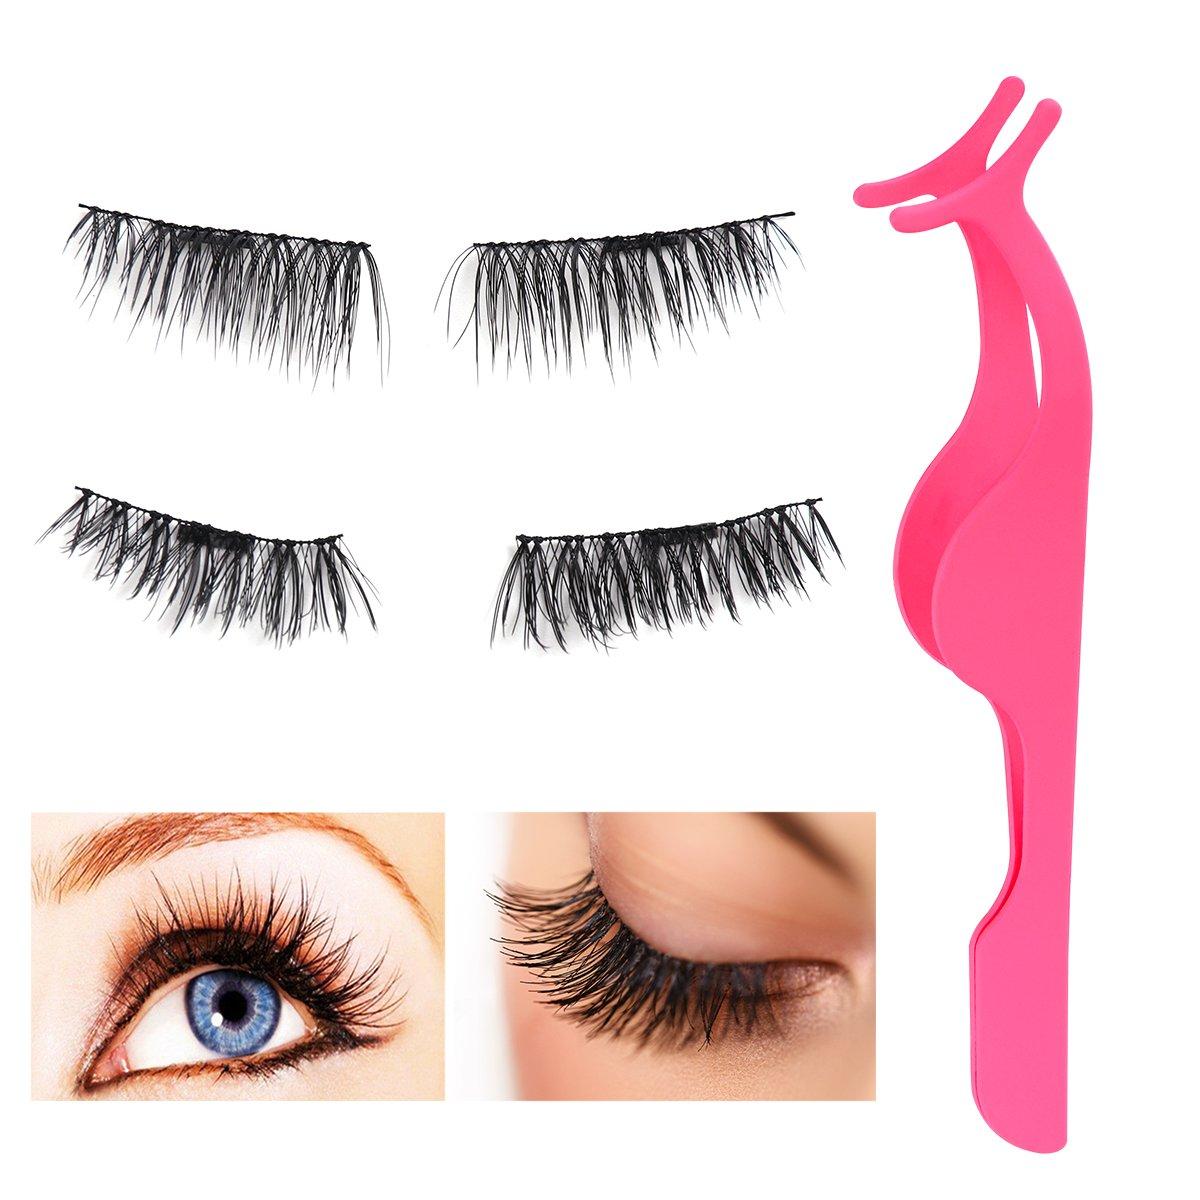 Frcolor Magnetic False Eyelashes and False Eyelashes Extension Applicator Tweezers